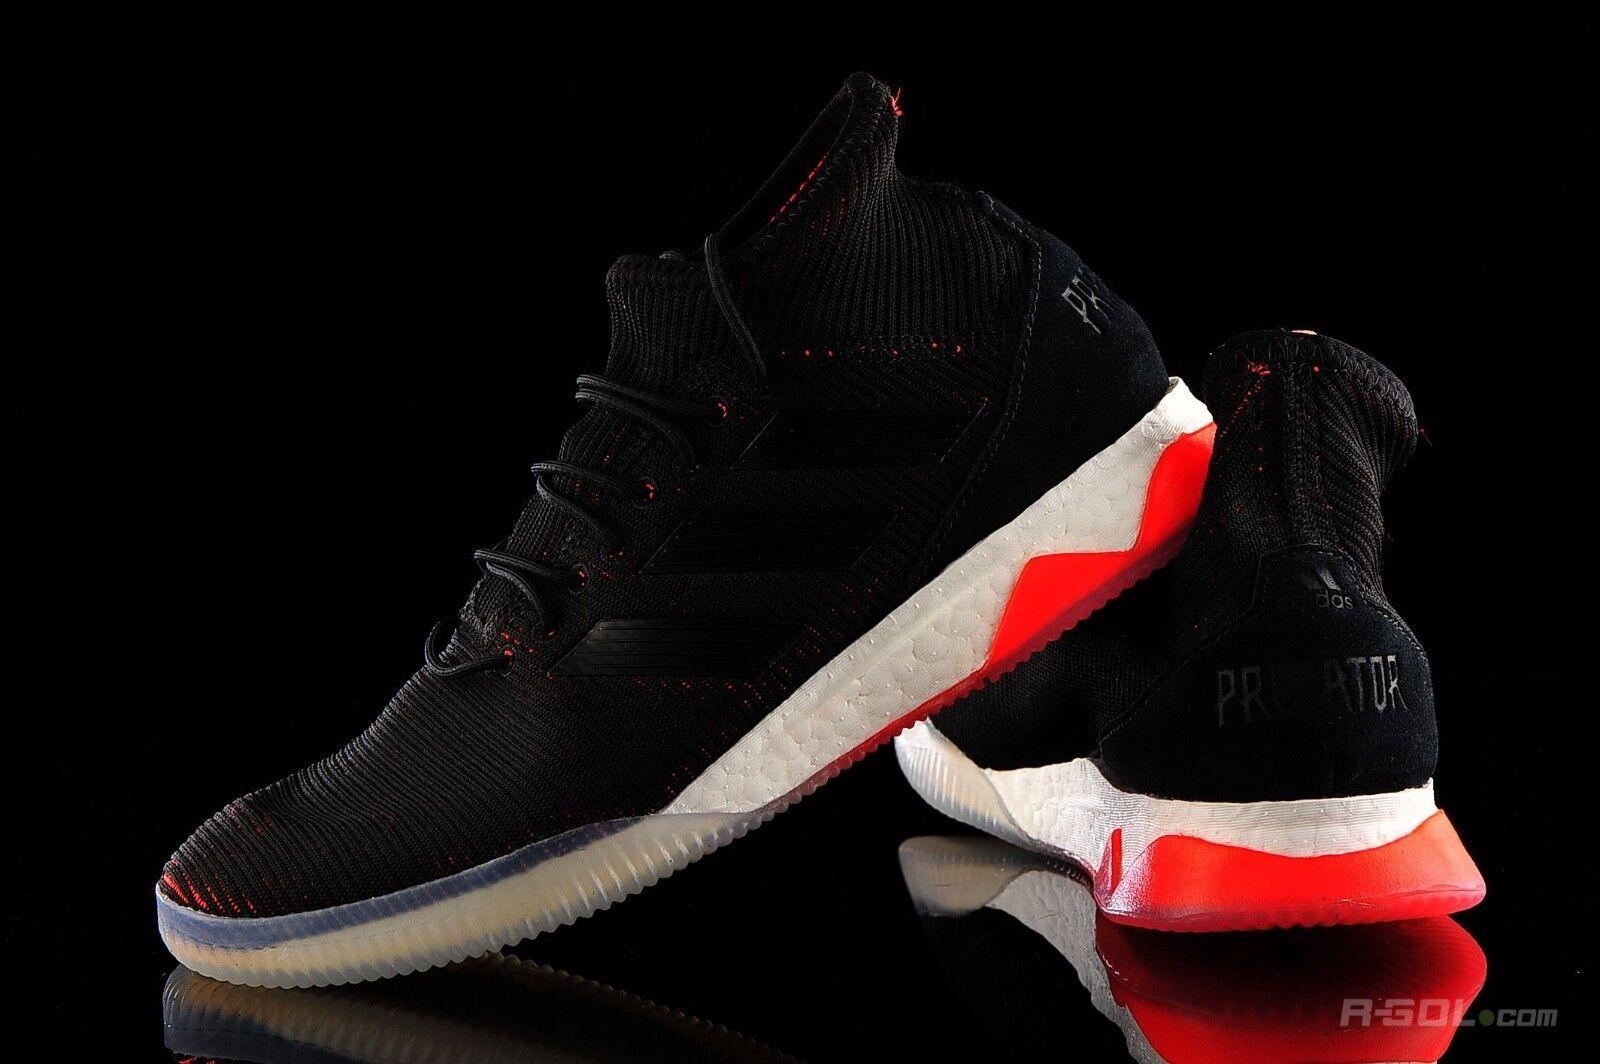 La nueva Adidas Predator Tango 18.1 TR Training soccer zapatos Negro SZ cp9268 11,5 Rojo Negro zapatos 202157